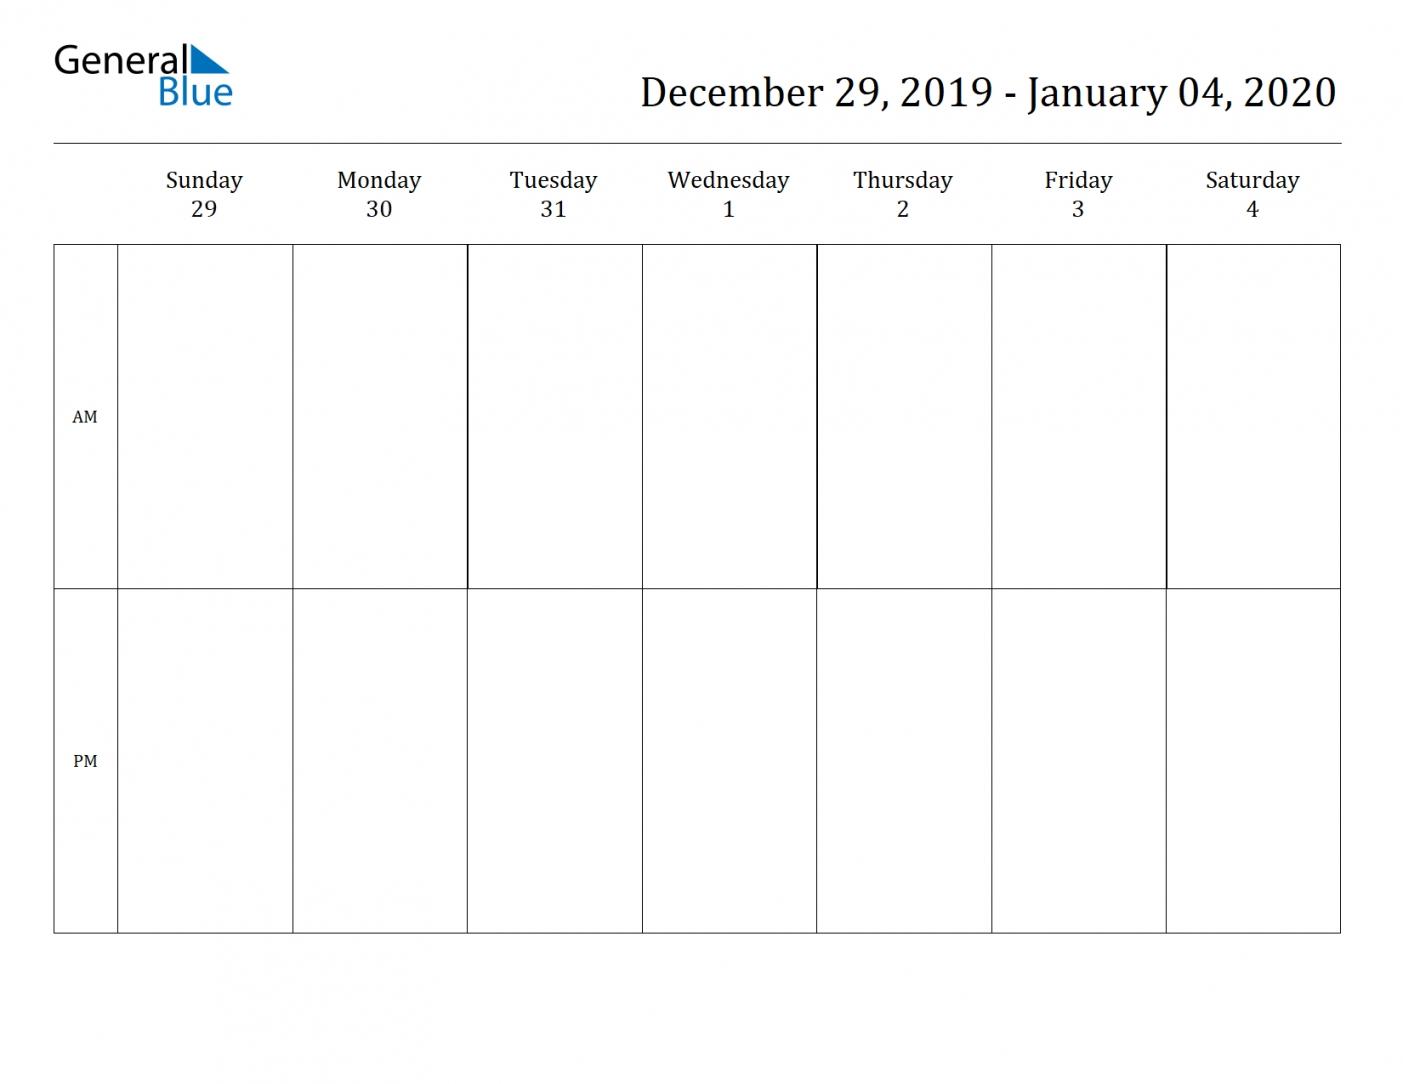 2 Week Blank Calendar 2020 Printable | Free Letter Templates Blank 2 Week Schedule Template